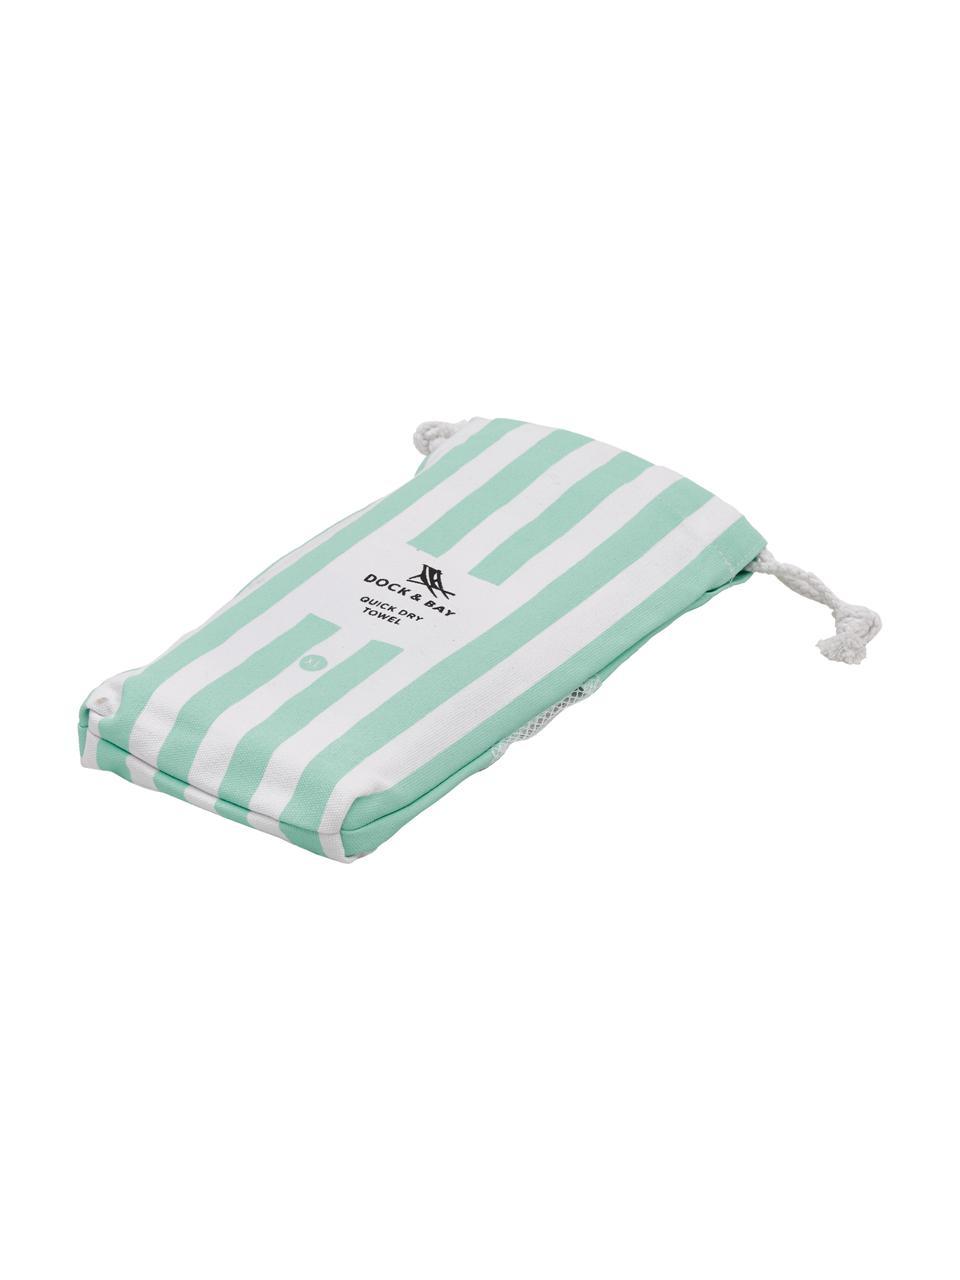 Szybkoschnący ręcznik plażowy z mikrofibry Cabana, Mikrofibra (80% poliester, 20% poliamid), Zielony miętowy, biały, S 90 x D 200 cm